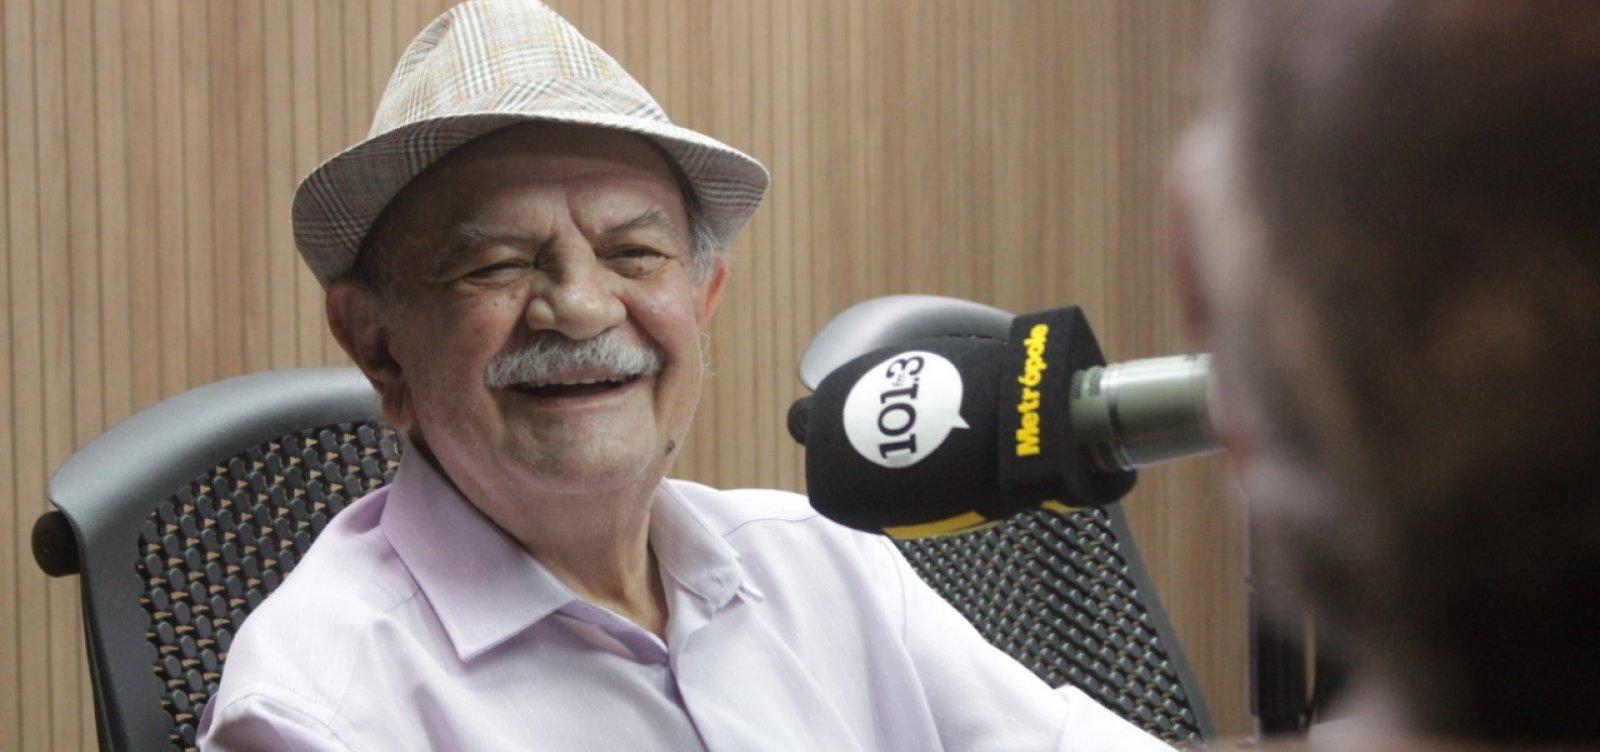 Harildo Deda: 'Será que vem a censura agora? Sei lá. Tudo muito estranho'